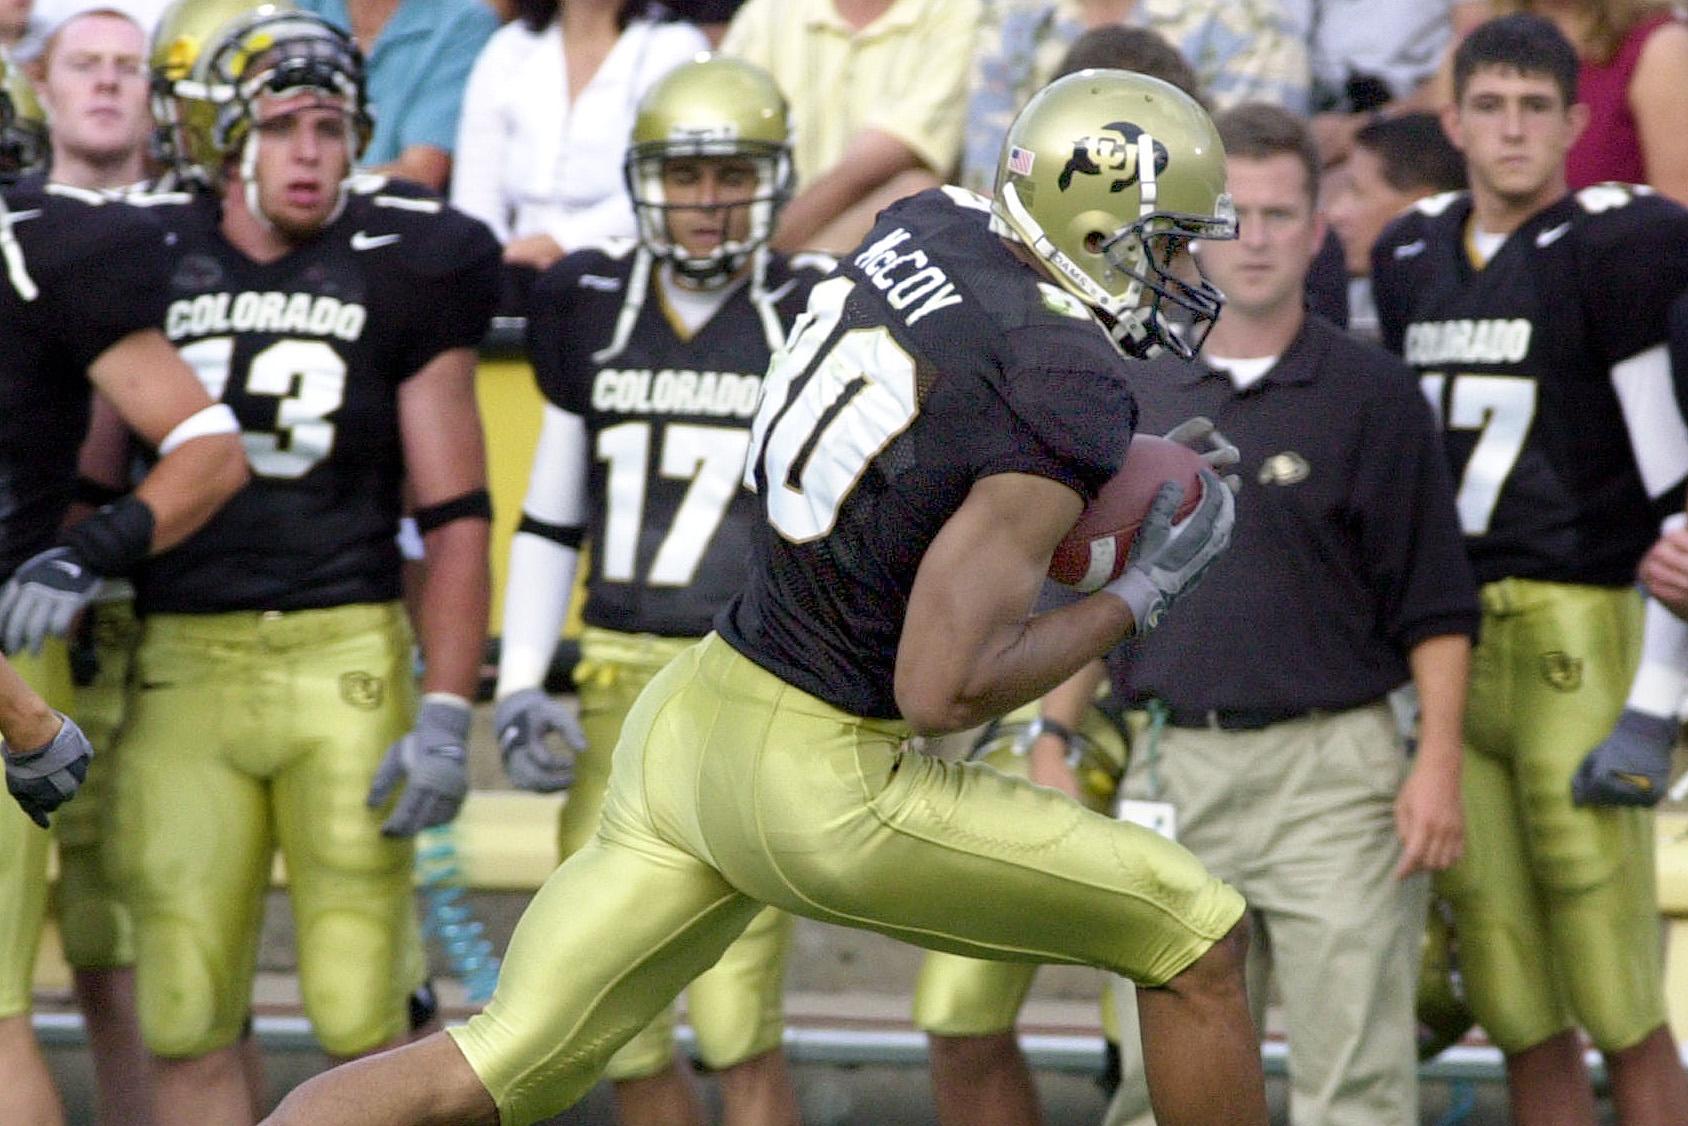 Photo: University of Colorado wide receiver Derek McCoy